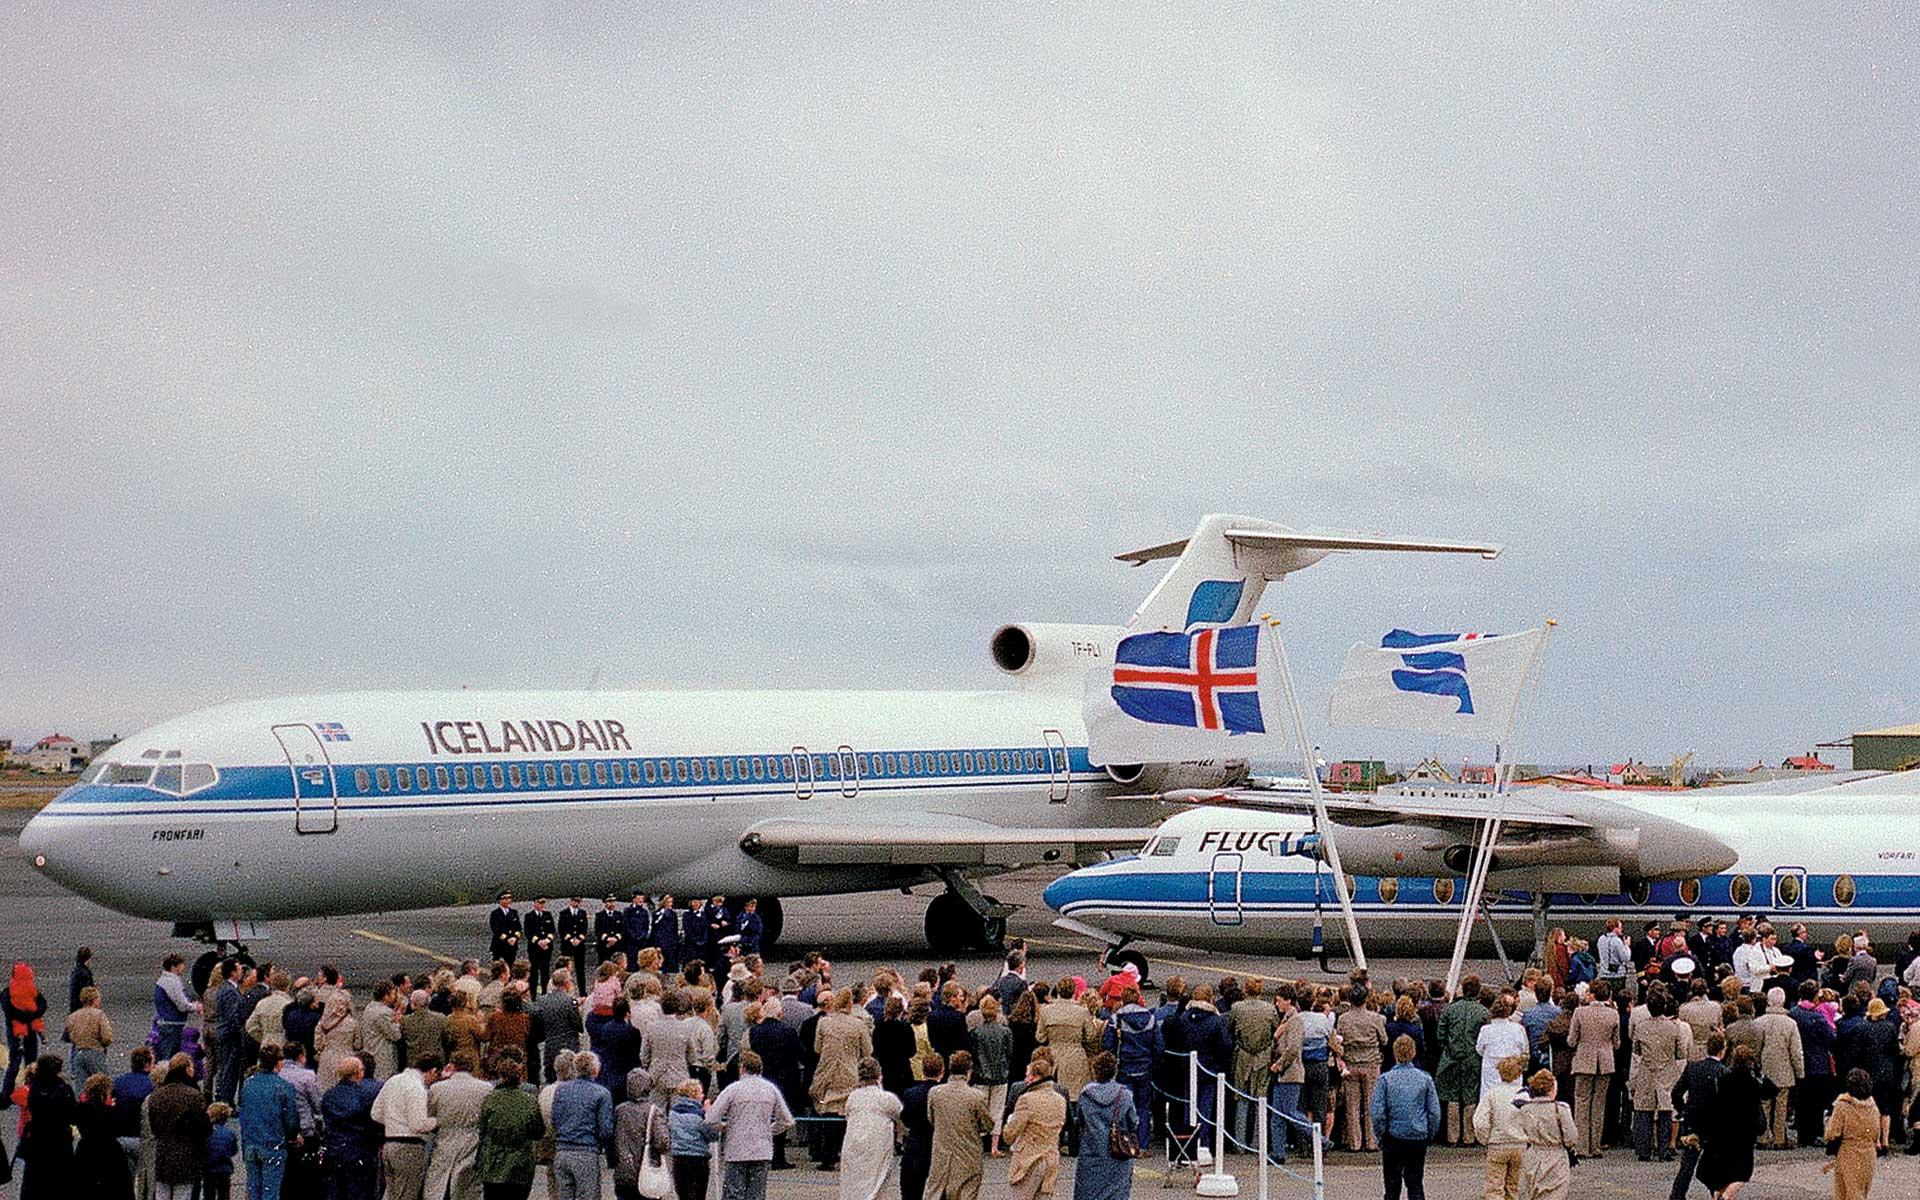 Les avions ont de nouveau des noms